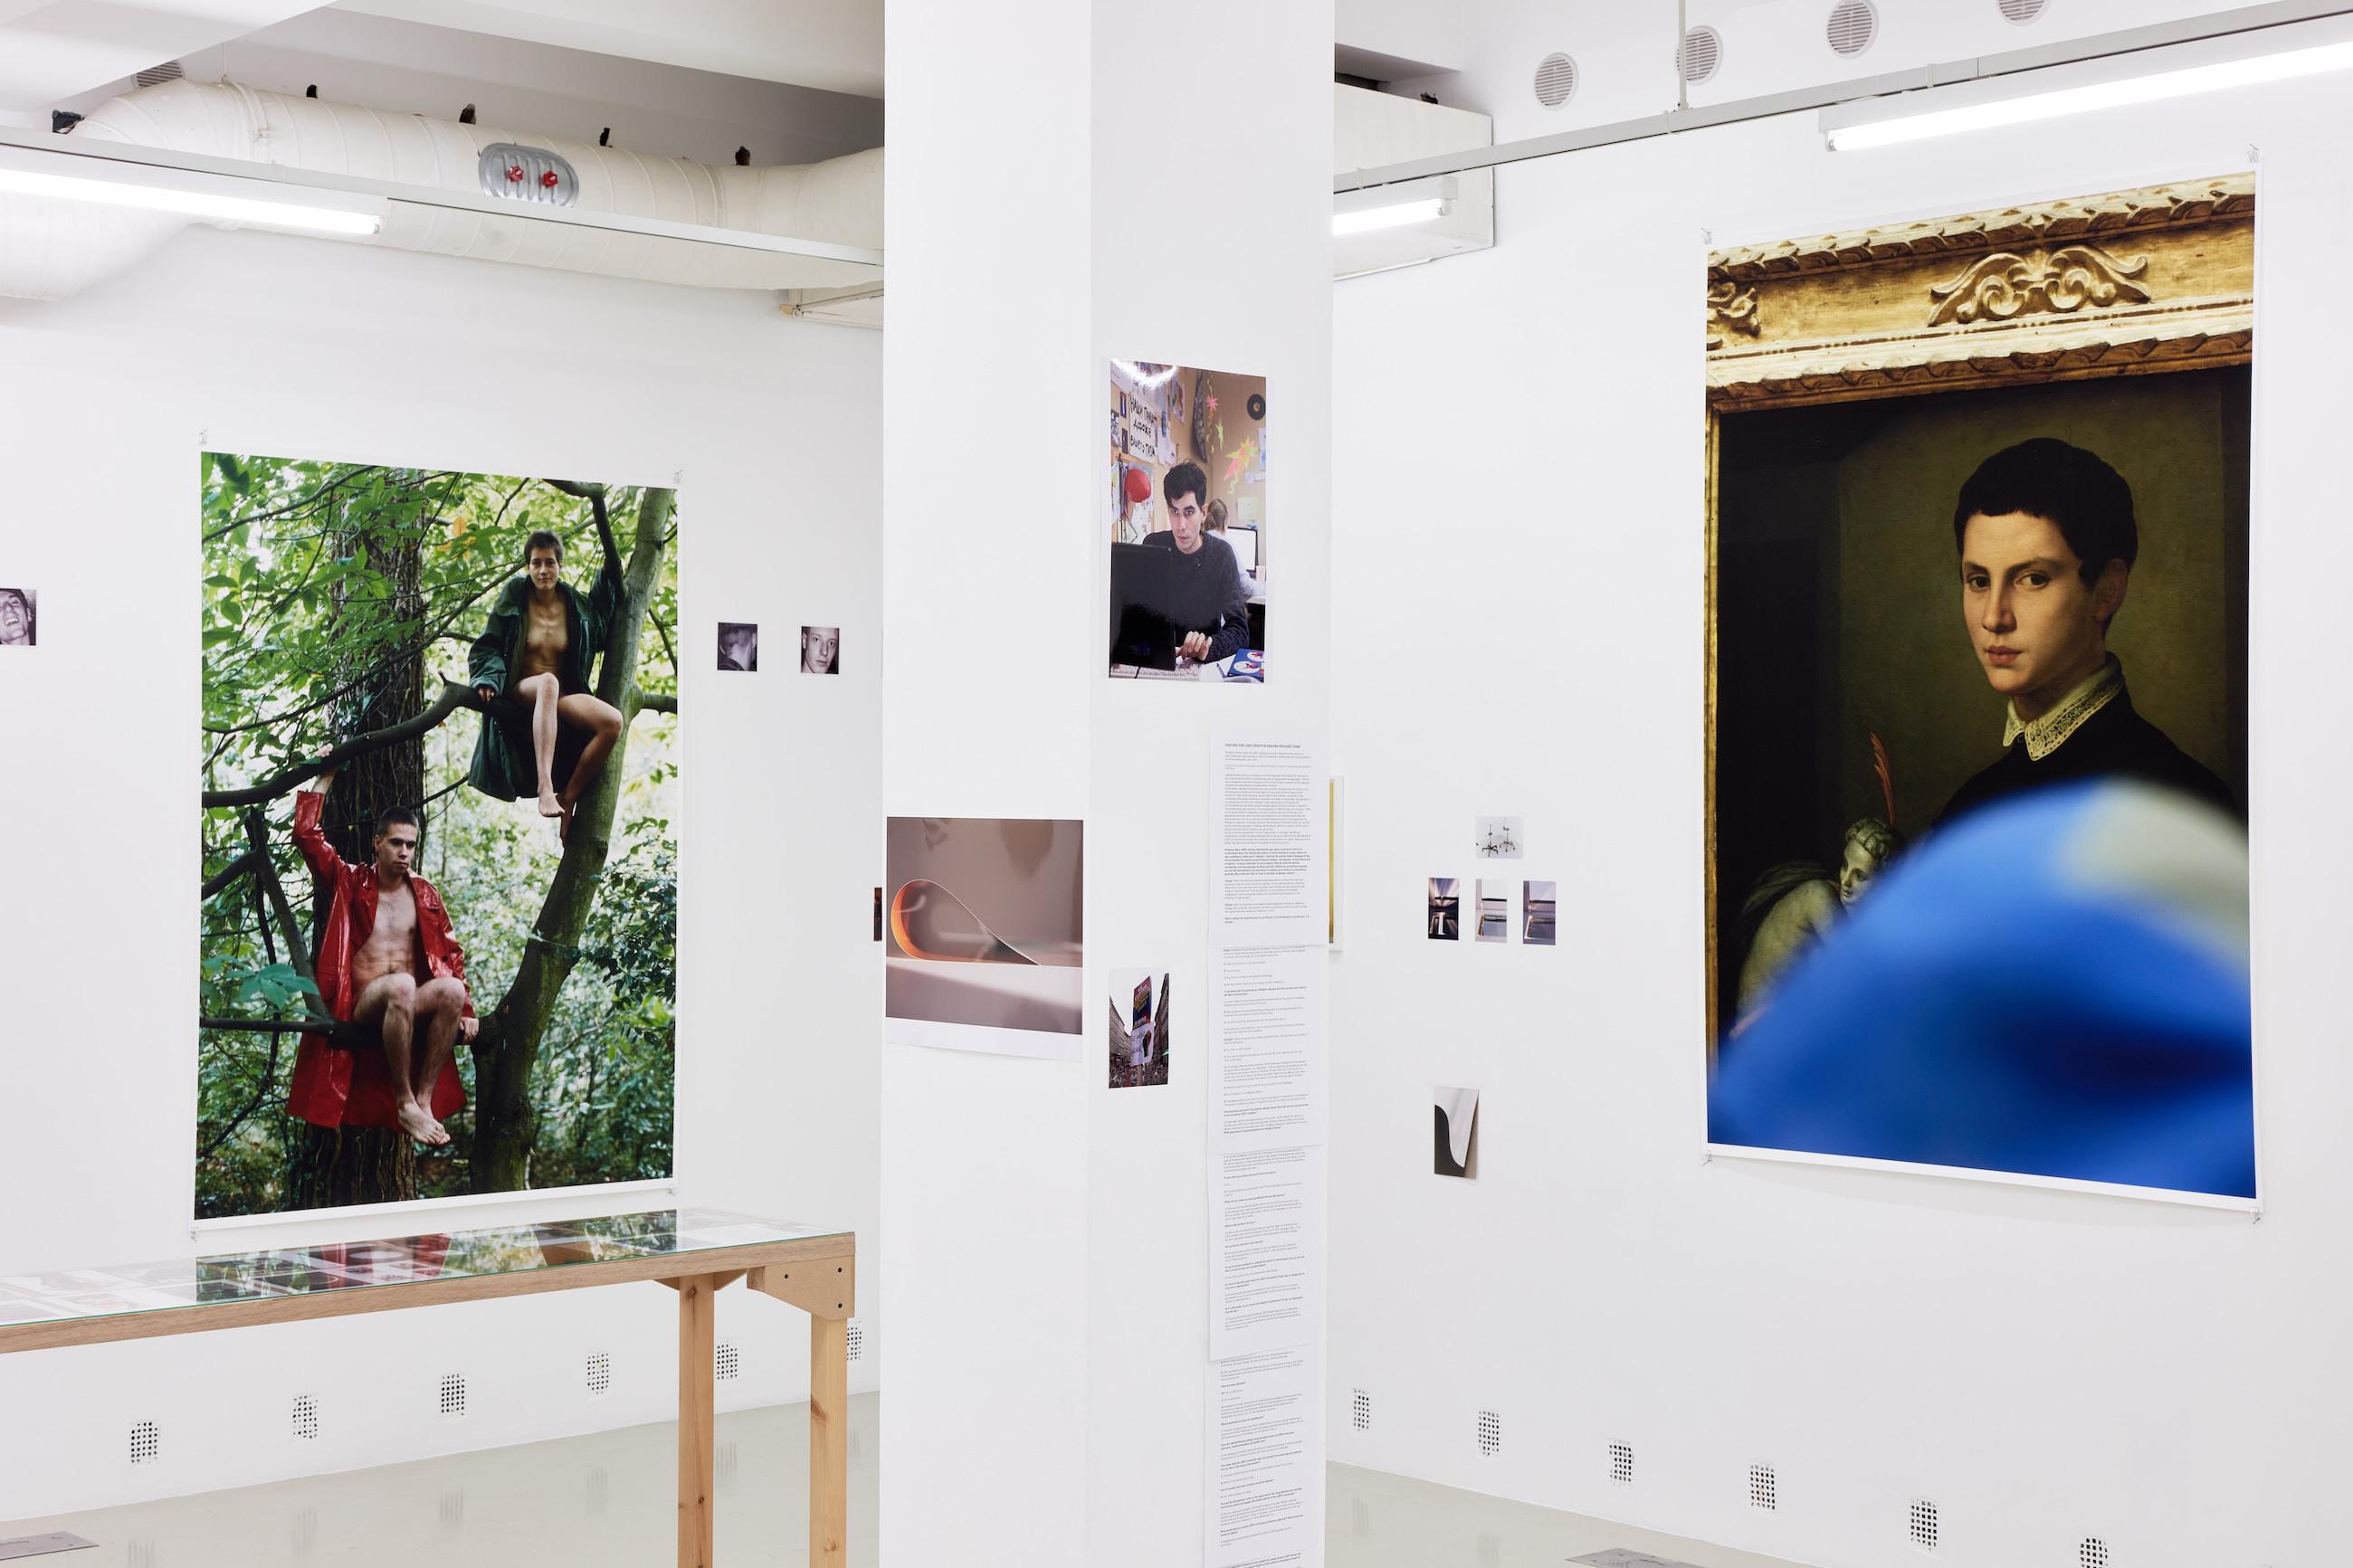 Wolfgang Tillmans: A te tested a tiéd . Kiállítási látkép, Trafó Galéria, 2021. Balra: Lutz & Alex sitting in trees , 1992. Jobbra: Bronzino , 2015. Fotó: Biró Dávid